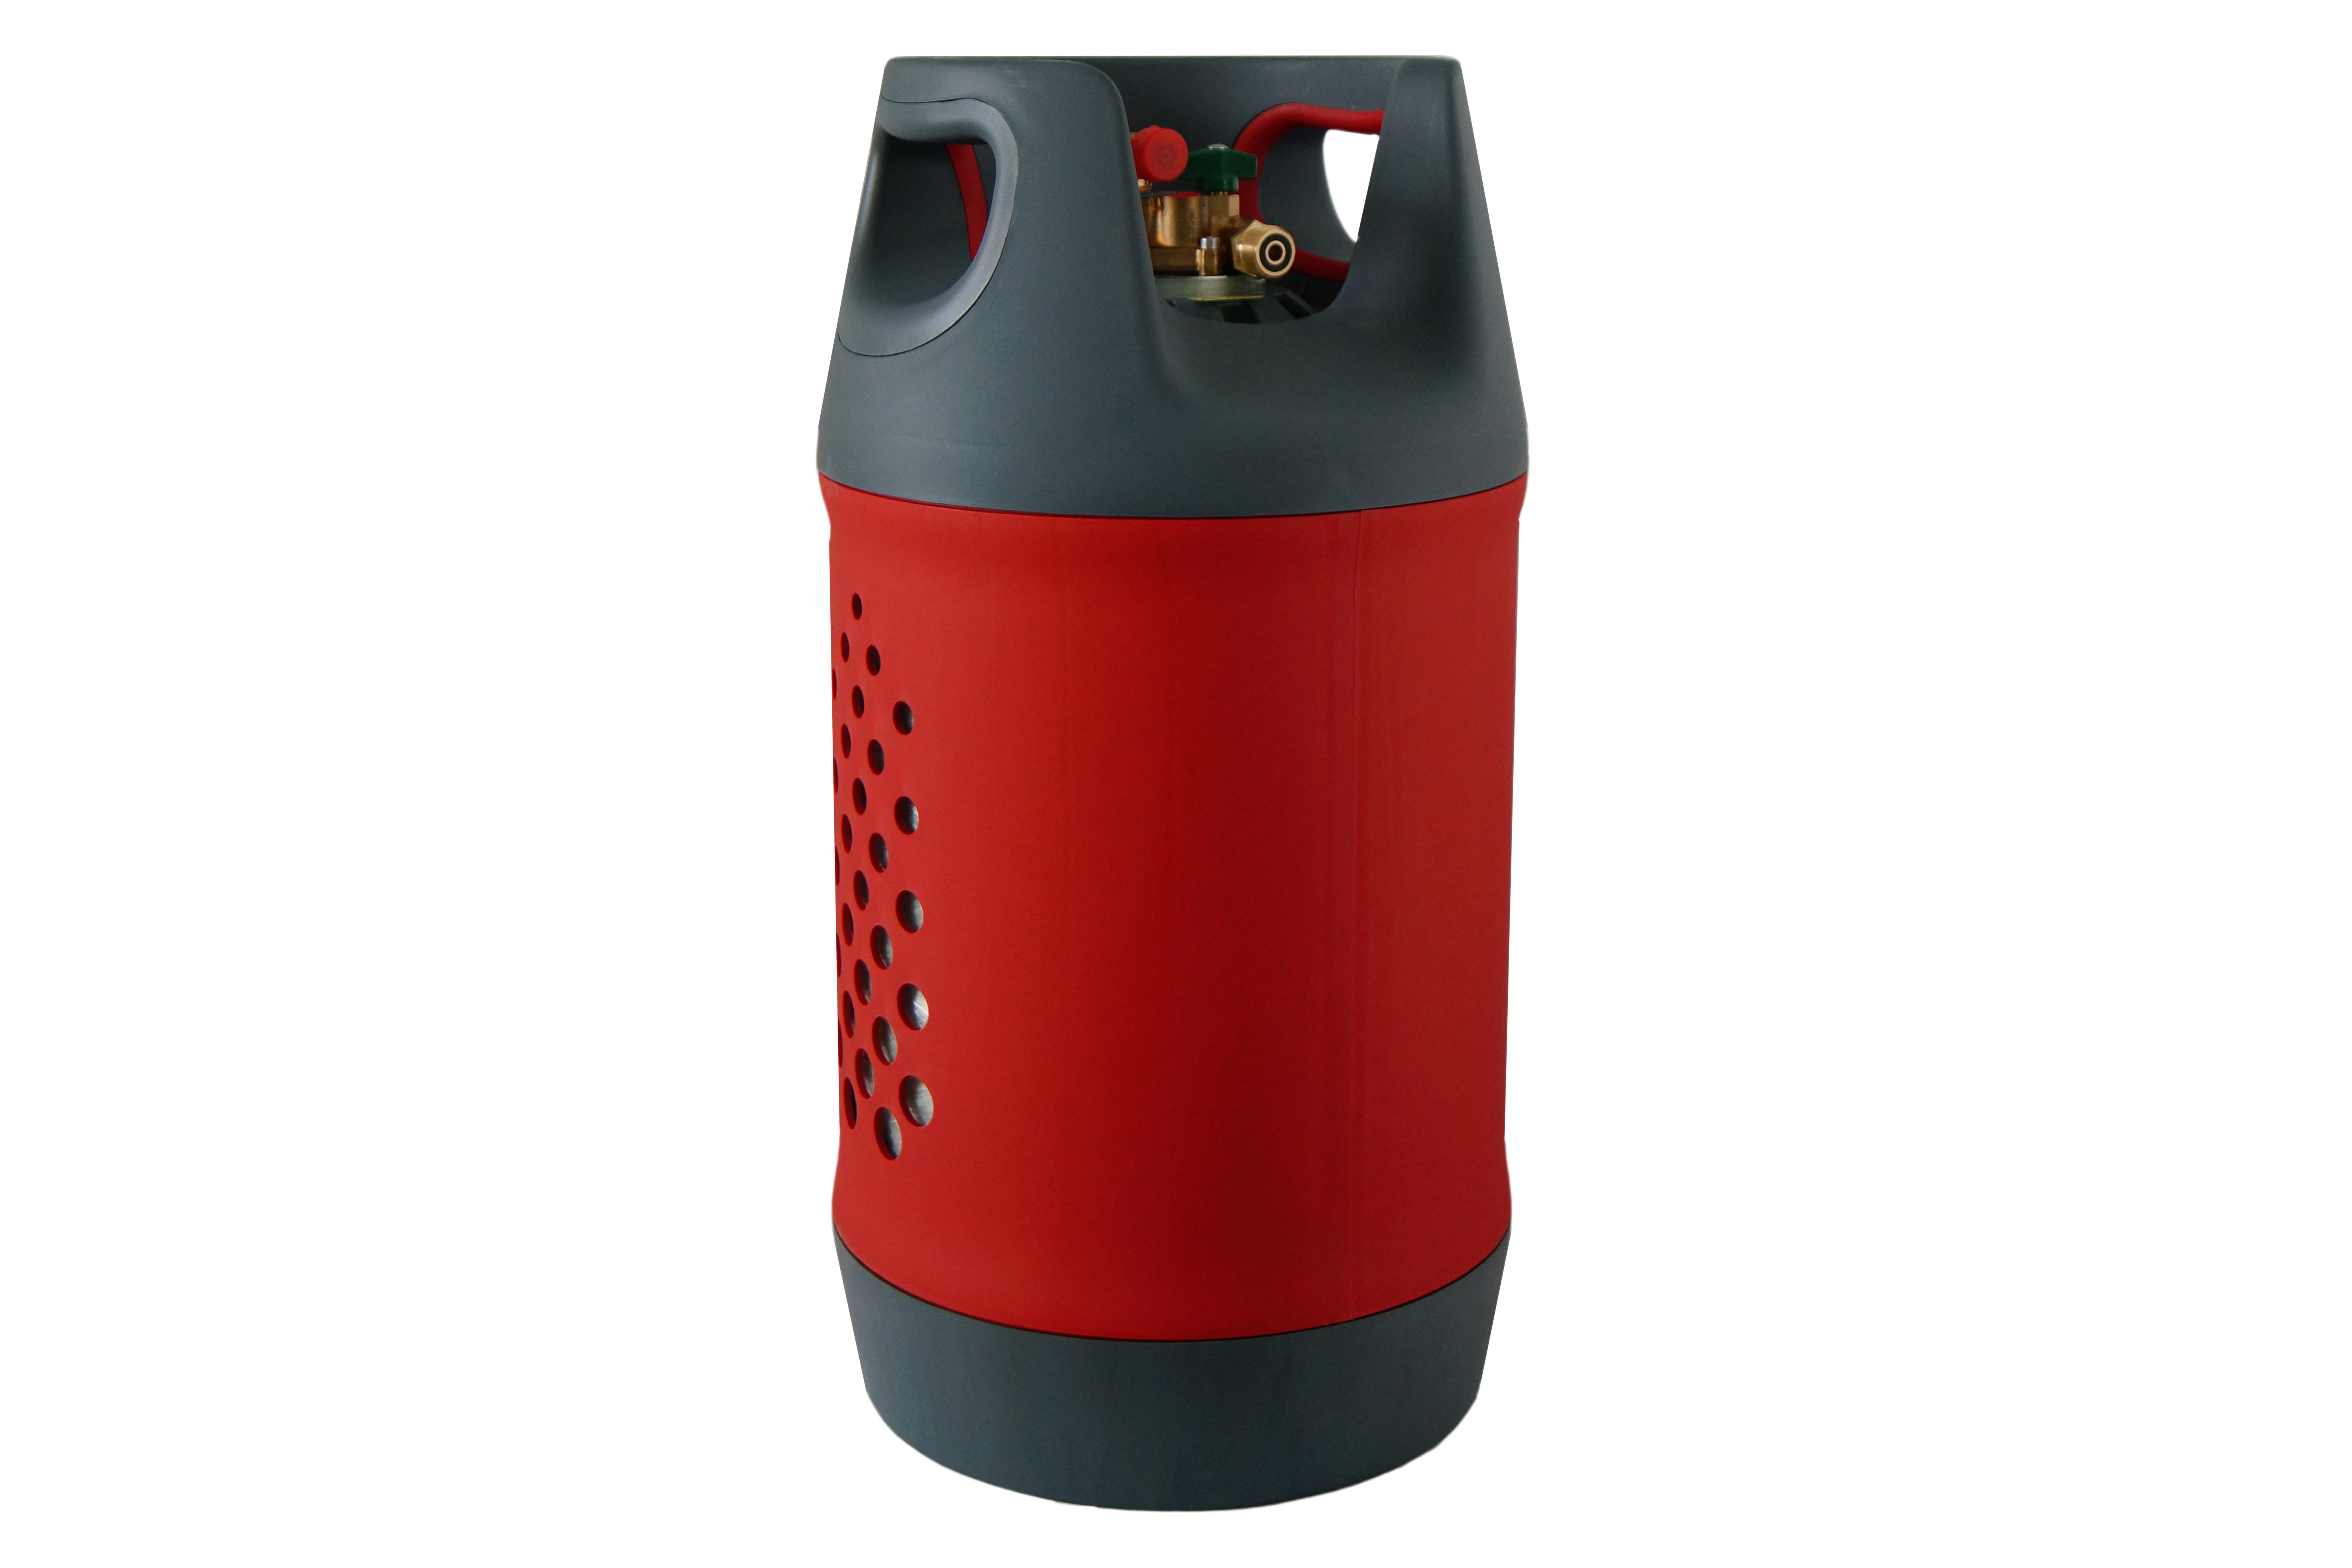 KOMPOSIT-Gasflasche-24-5L-wiederbefuellbar-mit-Multiventil-80-Fuellstop-AUTOGAS Indexbild 2